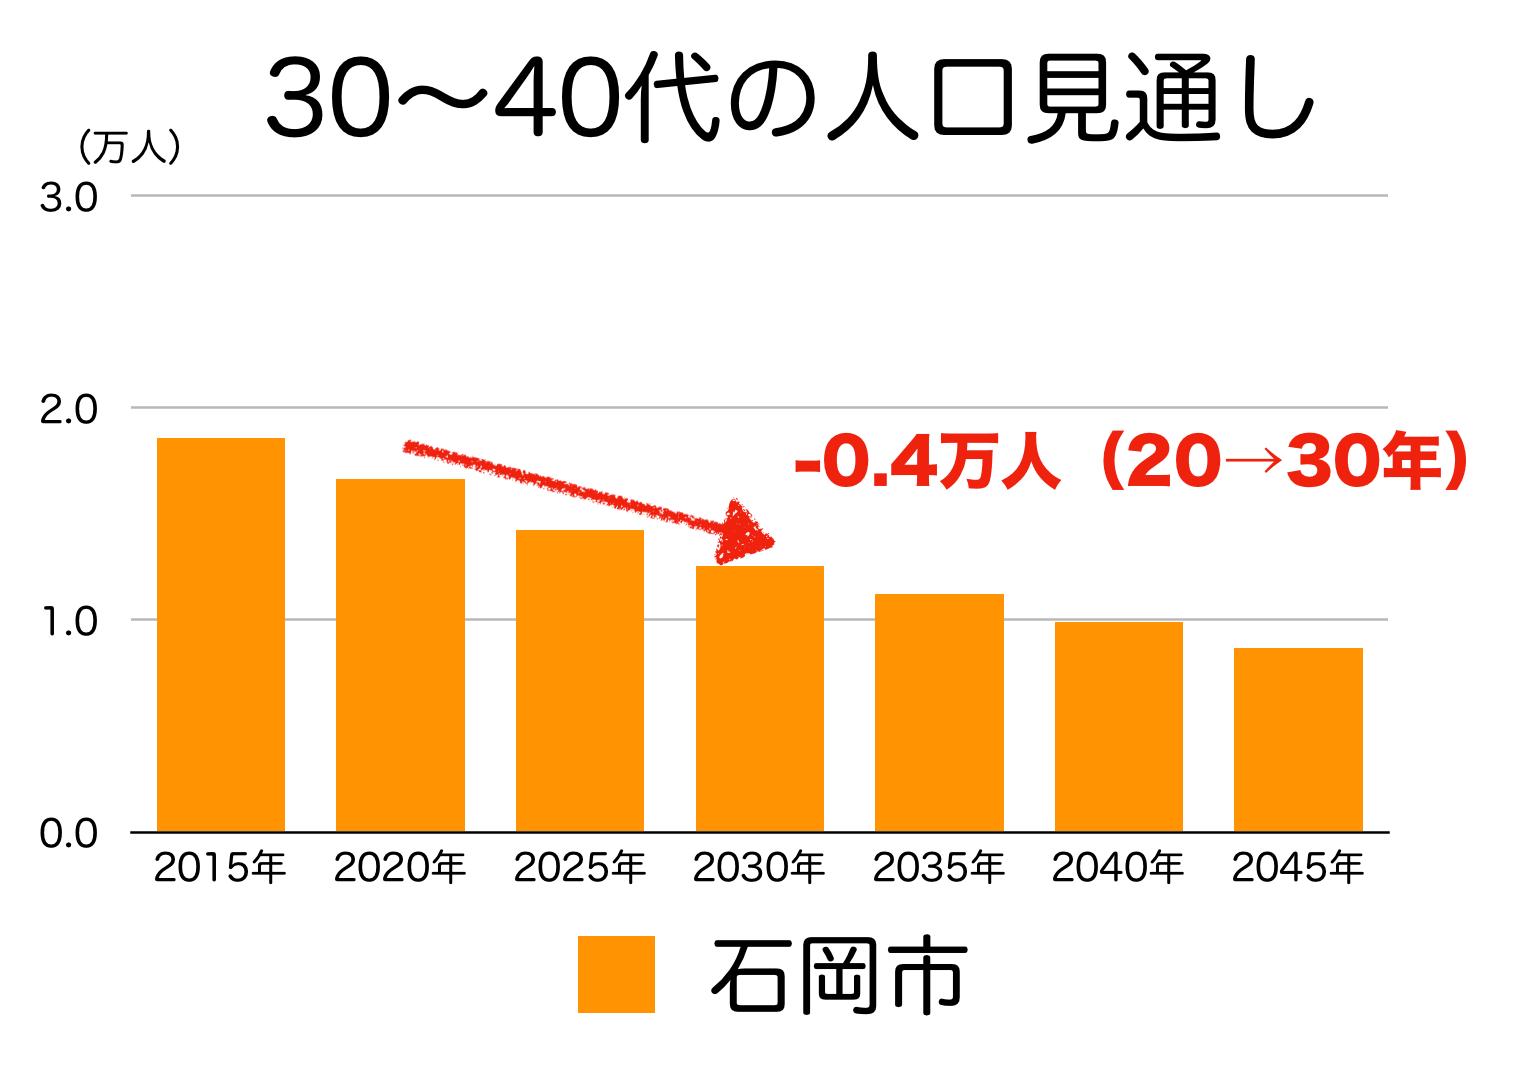 石岡市の30〜40代人口の予測